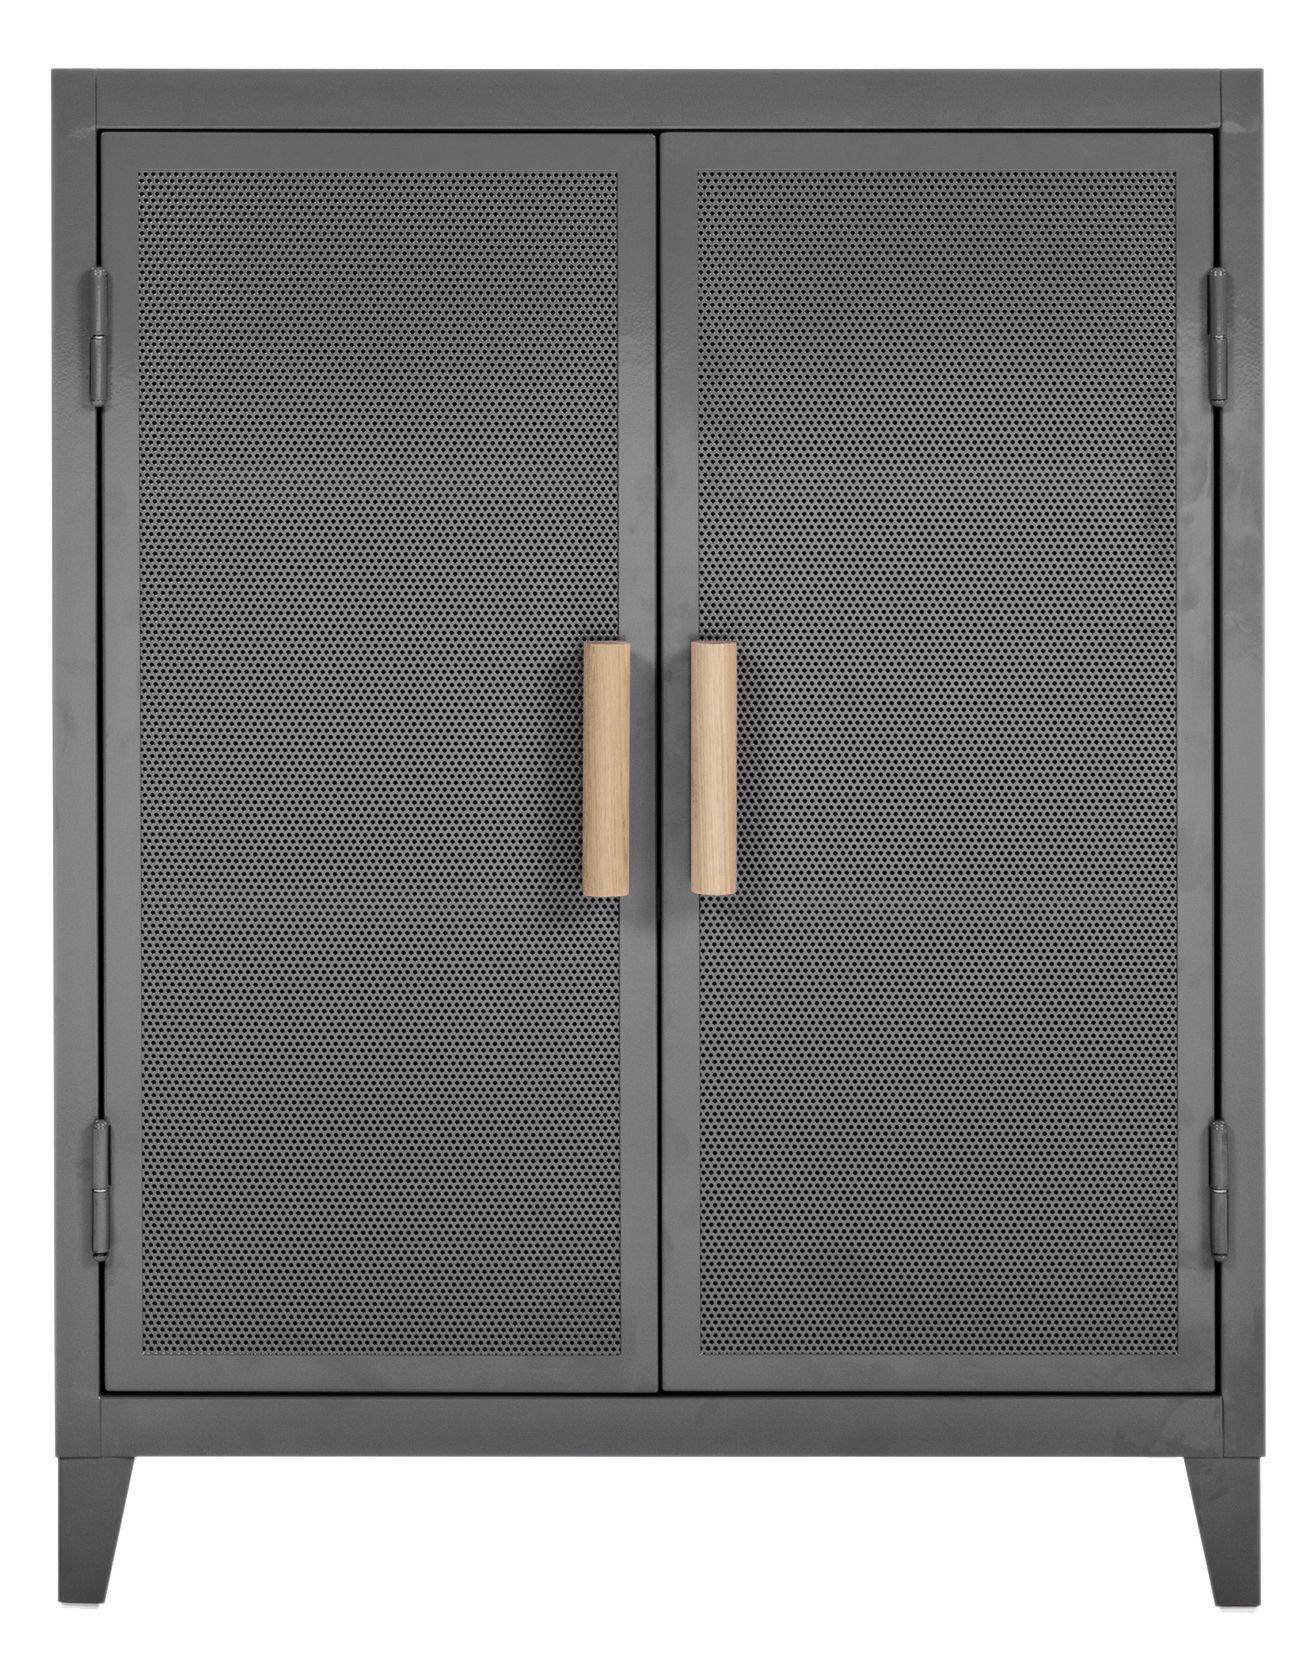 Möbel - Aufbewahrungsmöbel - Vestiaire bas Perforé Ablage niedriger Kleiderschrank / Lochblech & Eichenholz - Tolix - Mausgrau / Griffe Eiche - Lackierter recycelter Stahl, massive Eiche